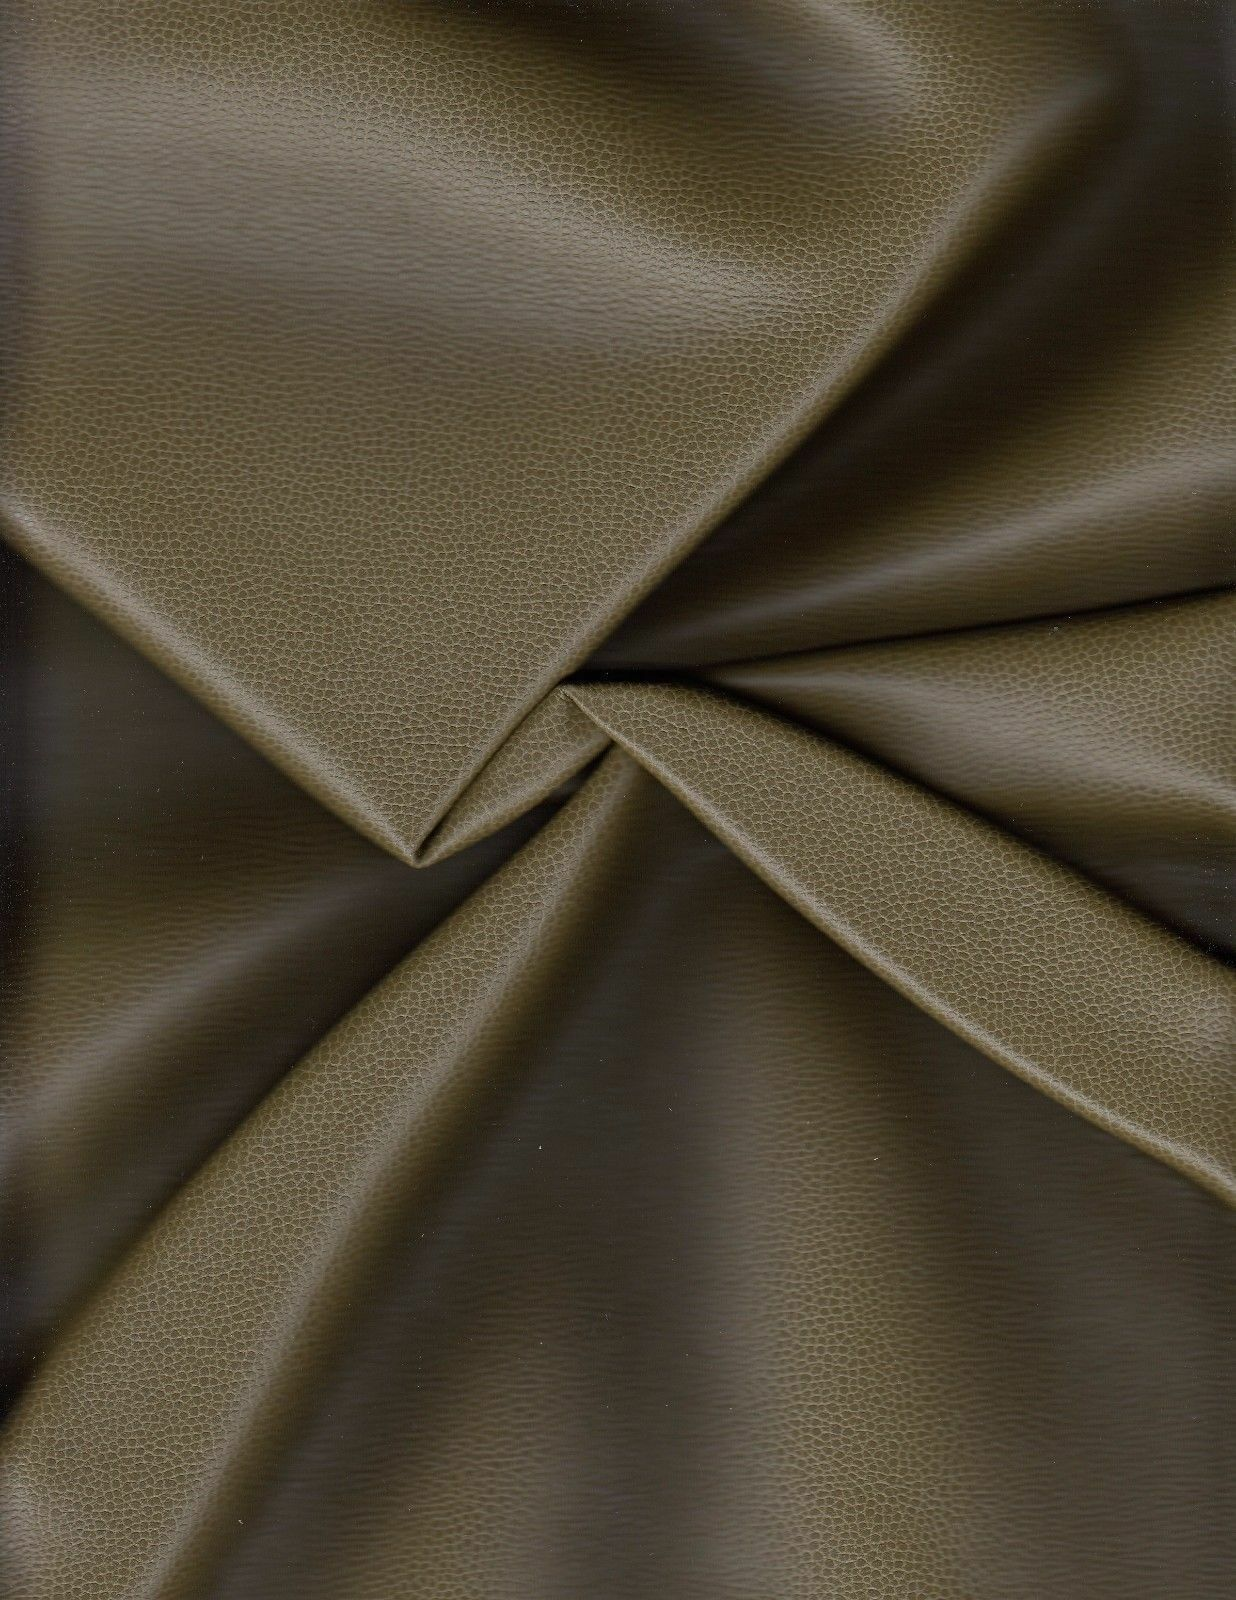 Ultrafabrics Polster Kunstleder 363-4514 Promessa Moosgrün 2.7m T-49